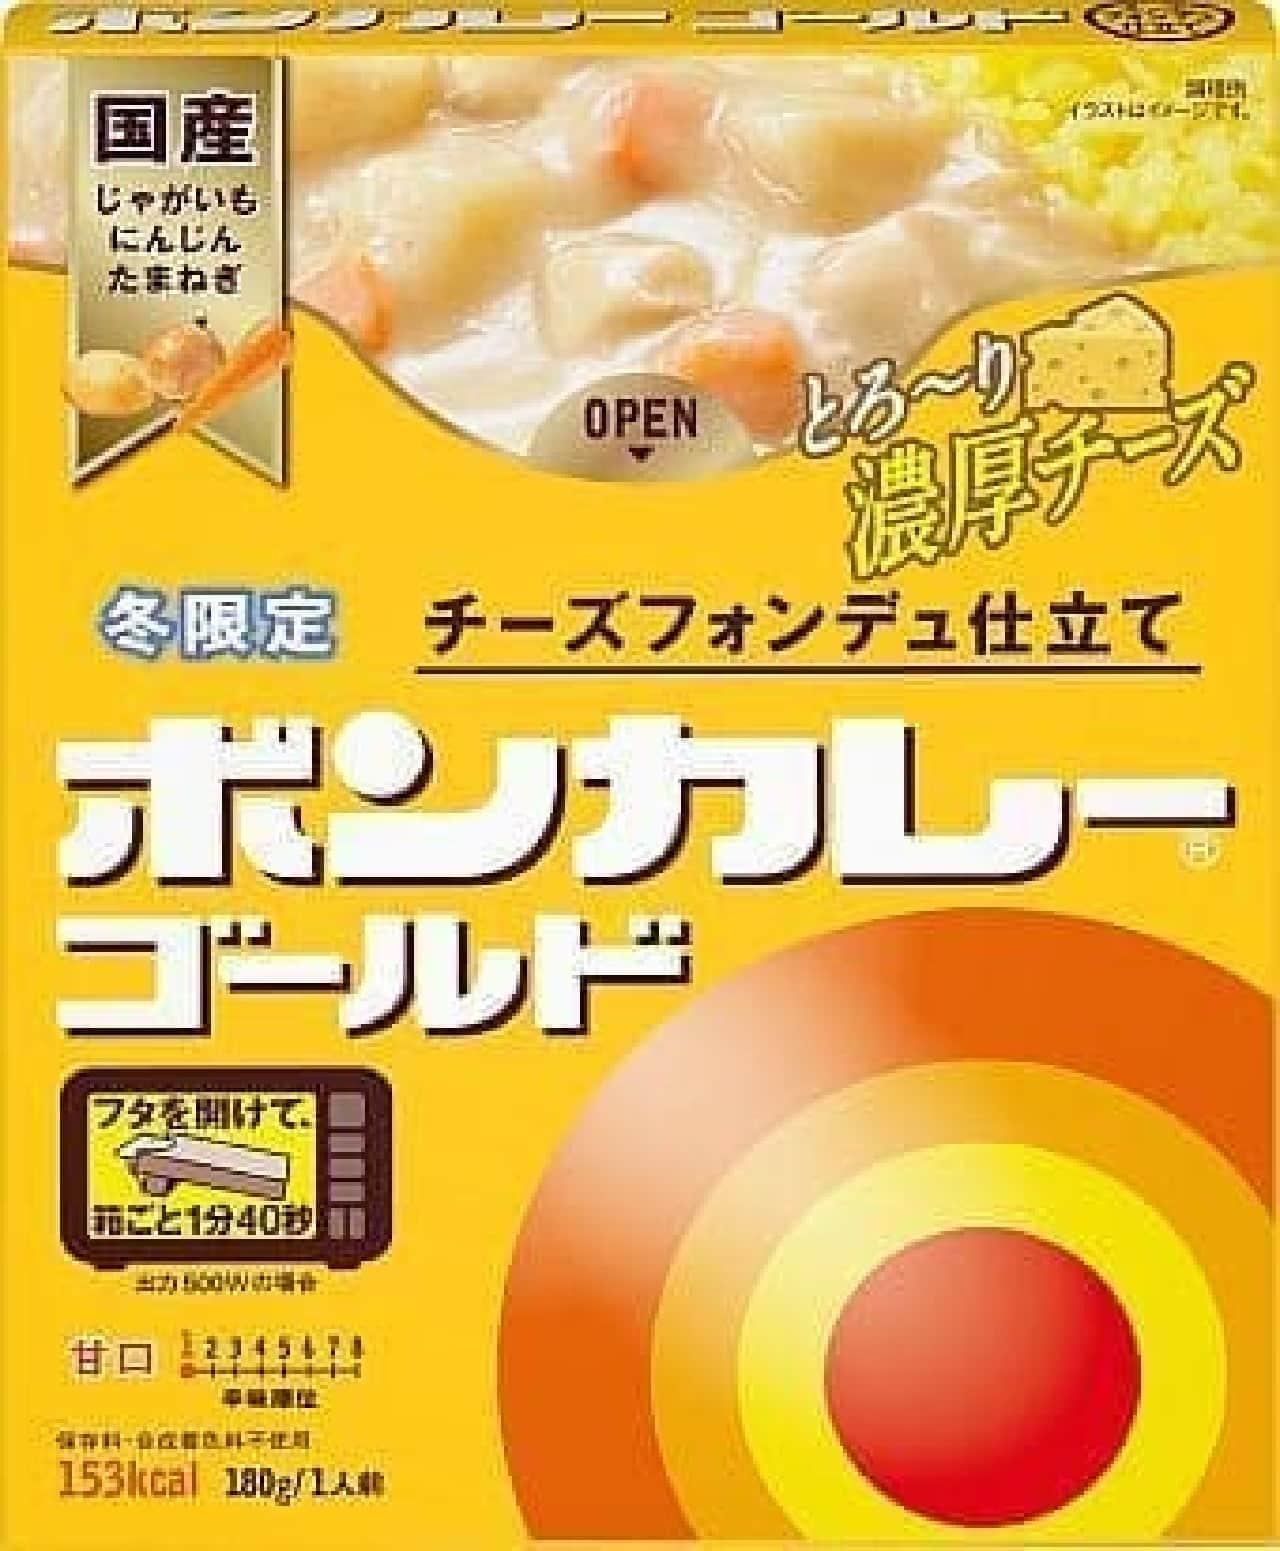 大塚食品「ボンカレーゴールド チーズフォンデュ仕立て」